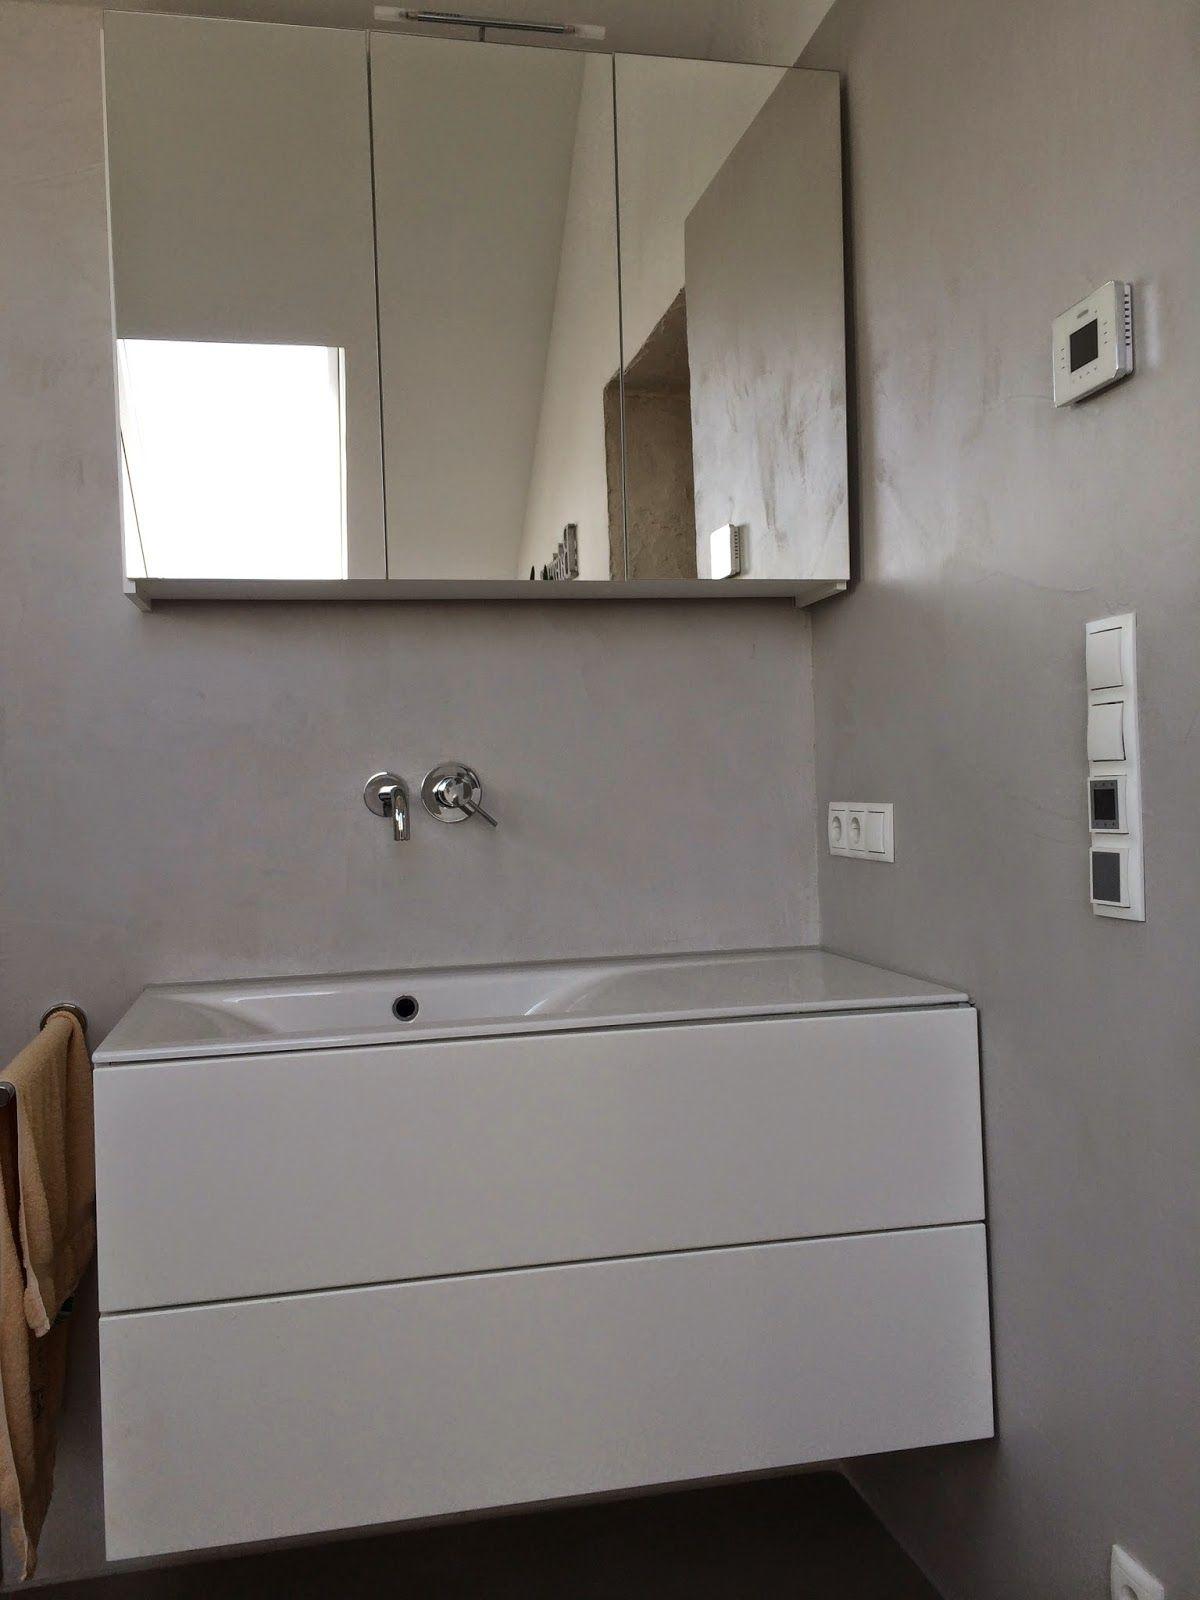 Badezimmer Beton Putz #24: Beton Cire, Beton Floor, Preise, Betonoptik, Microtopping, Kosten, Kaufen,